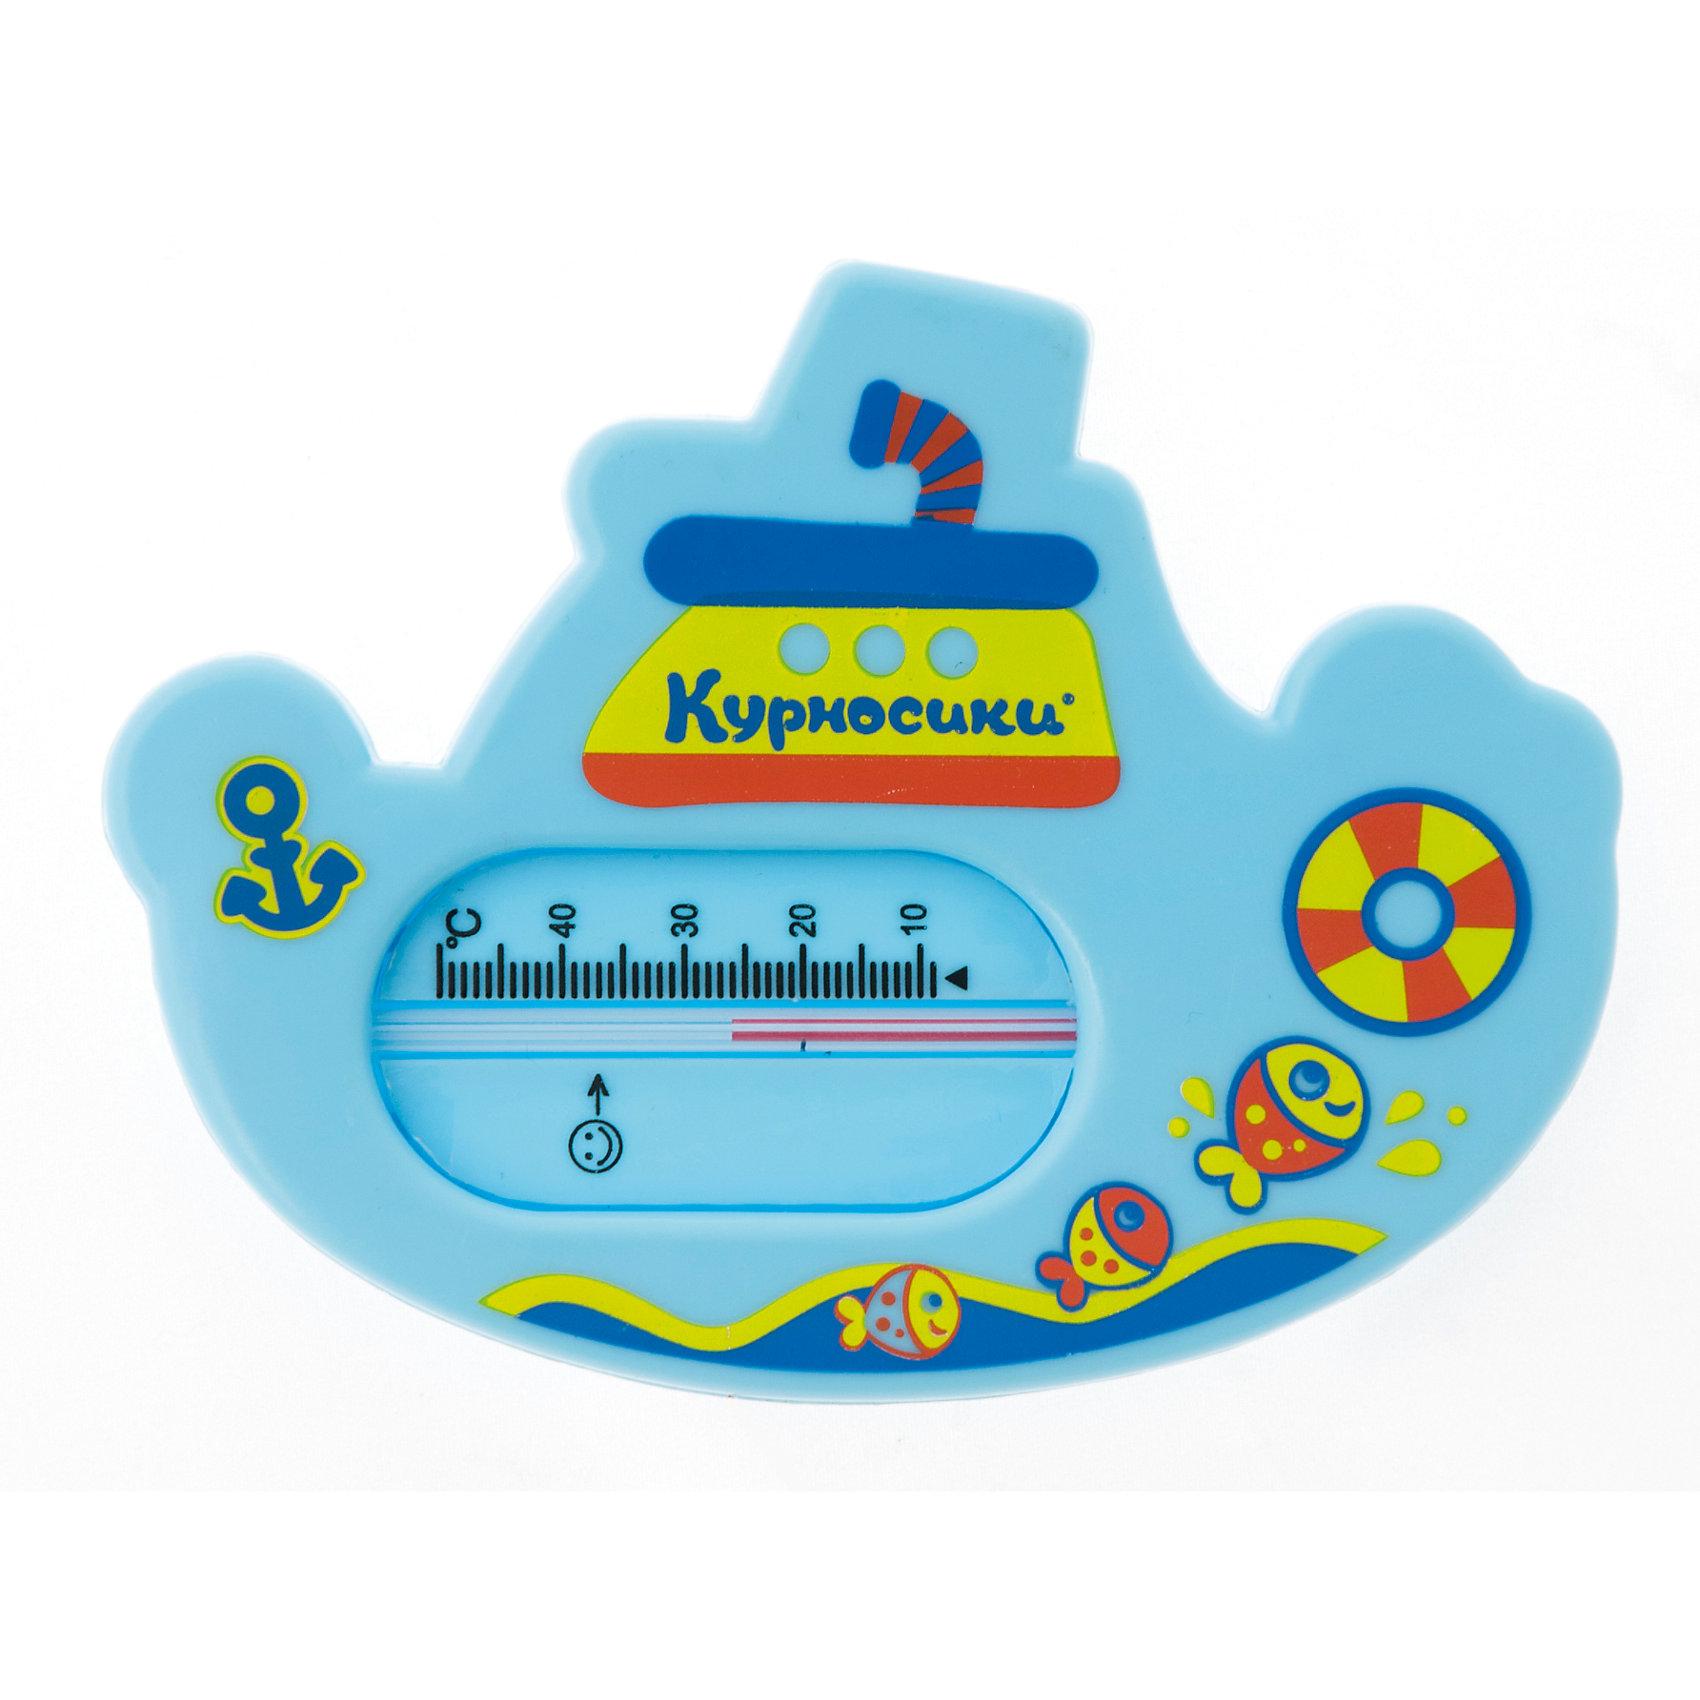 Термометр для ванны Пароходик, Kurnosiki, синийХарактеристики:<br><br>• Наименование: термометр для ванны<br>• Материал: пластик<br>• Пол: для мальчика<br>• Цвет: синий<br>• Форма: пароходик<br>• Тип шкалы: по Цельсию <br>• Максимальное значение: 50? С<br>• Минимальное значение: 9? С<br>• Нанесена отметка напротив оптимальной температуры для купания<br>• Ударопрочный корпус <br>• Не содержит ртути<br>• Отсутствие острых углов<br>• Вес: 100 г<br>• Параметры (Д*Ш*В): 10*5*10 см <br>• Особенности ухода: сухая и влажная чистка<br><br>Термометр для ванны Пароходик, Kurnosiki, желтый выполнен из ударопрочного пластика, не содержит ртути. Форма градусника представляет собой пароходик, раскрашенный яркими цветами. Цена деления – 1 градус, напротив оптимальной температуры для купания нанесена отметка в виде смайлика. <br><br>Чтобы градусник определил температуру воды с высокой точностью, его необходимо подержать в воде не менее 1 минуты. Термометр для ванны Пароходик, Kurnosiki, желтый станет незаменимым помощником для мамы во время купания малыша.<br><br>Термометр для ванны Пароходик, Kurnosiki, желтый можно купить в нашем интернет-магазине.<br><br>Ширина мм: 15<br>Глубина мм: 130<br>Высота мм: 170<br>Вес г: 76<br>Возраст от месяцев: 0<br>Возраст до месяцев: 36<br>Пол: Мужской<br>Возраст: Детский<br>SKU: 5428699